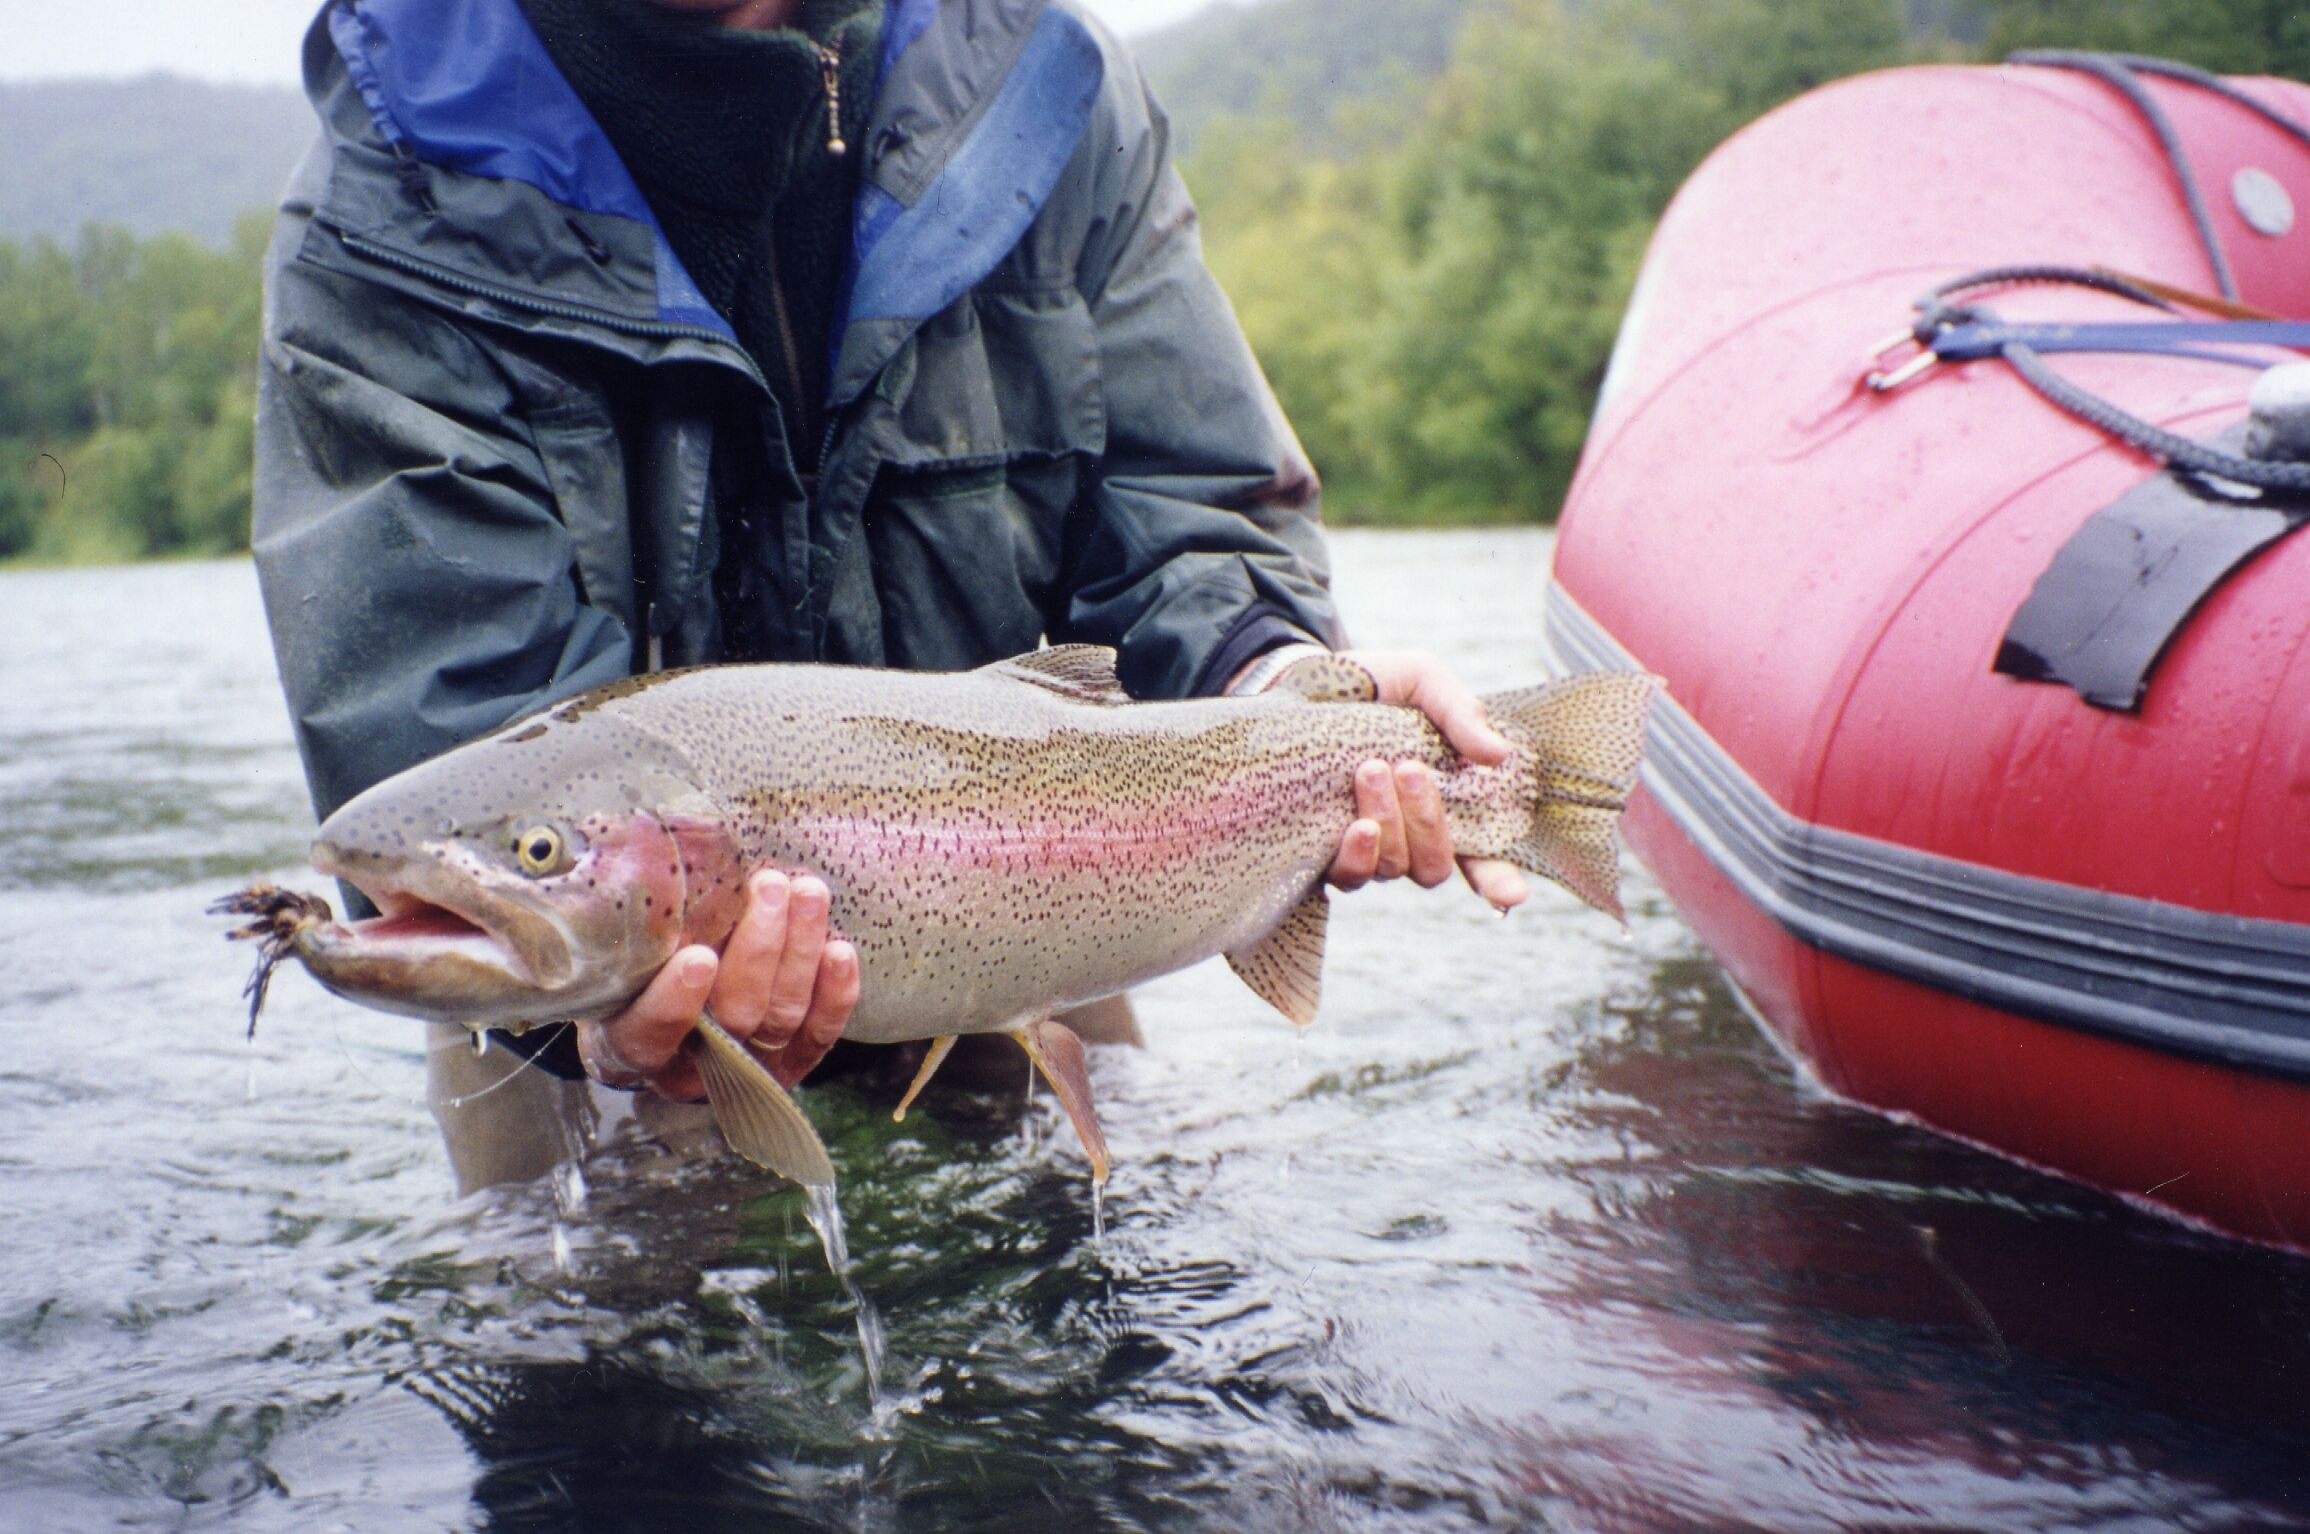 Рыбалка и рыболовные туры Камчатка река Жупанова